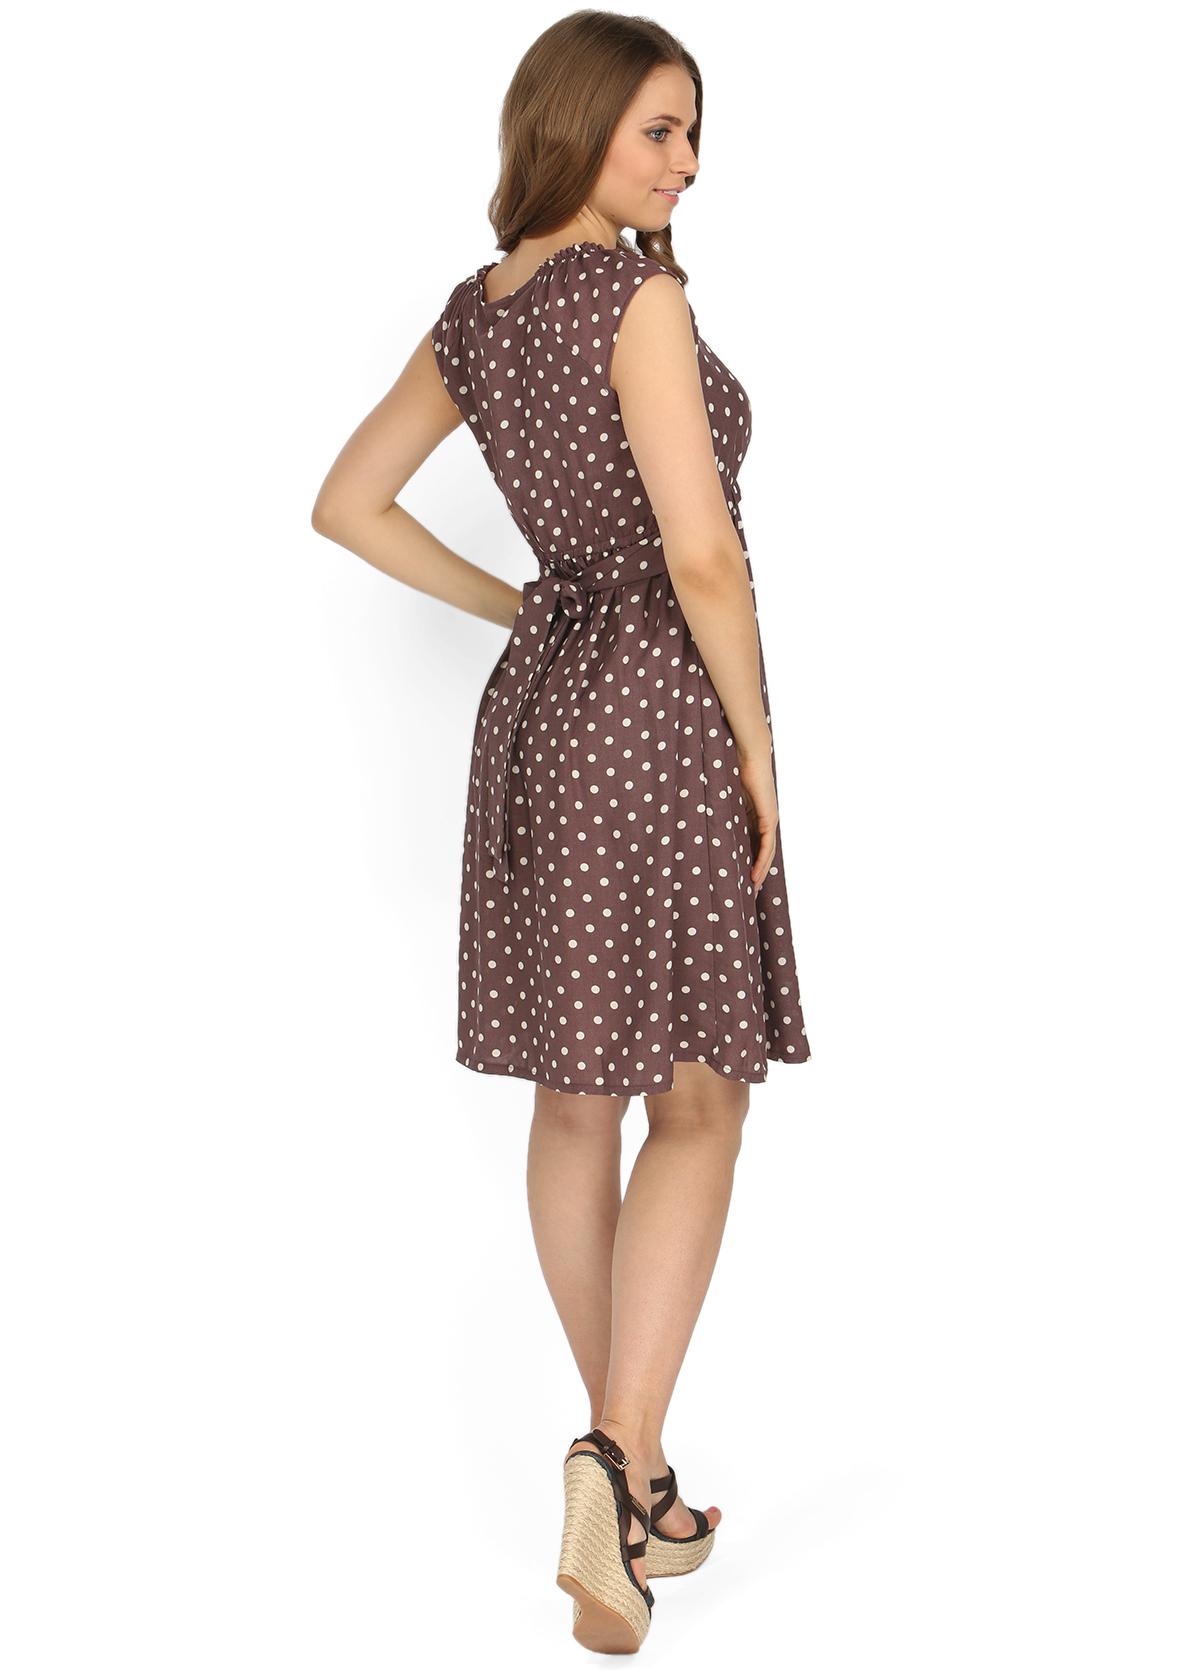 Платье Павлина коричневое в горох для беременных и кормящих. Артикул ... 61b1ab9bbf4